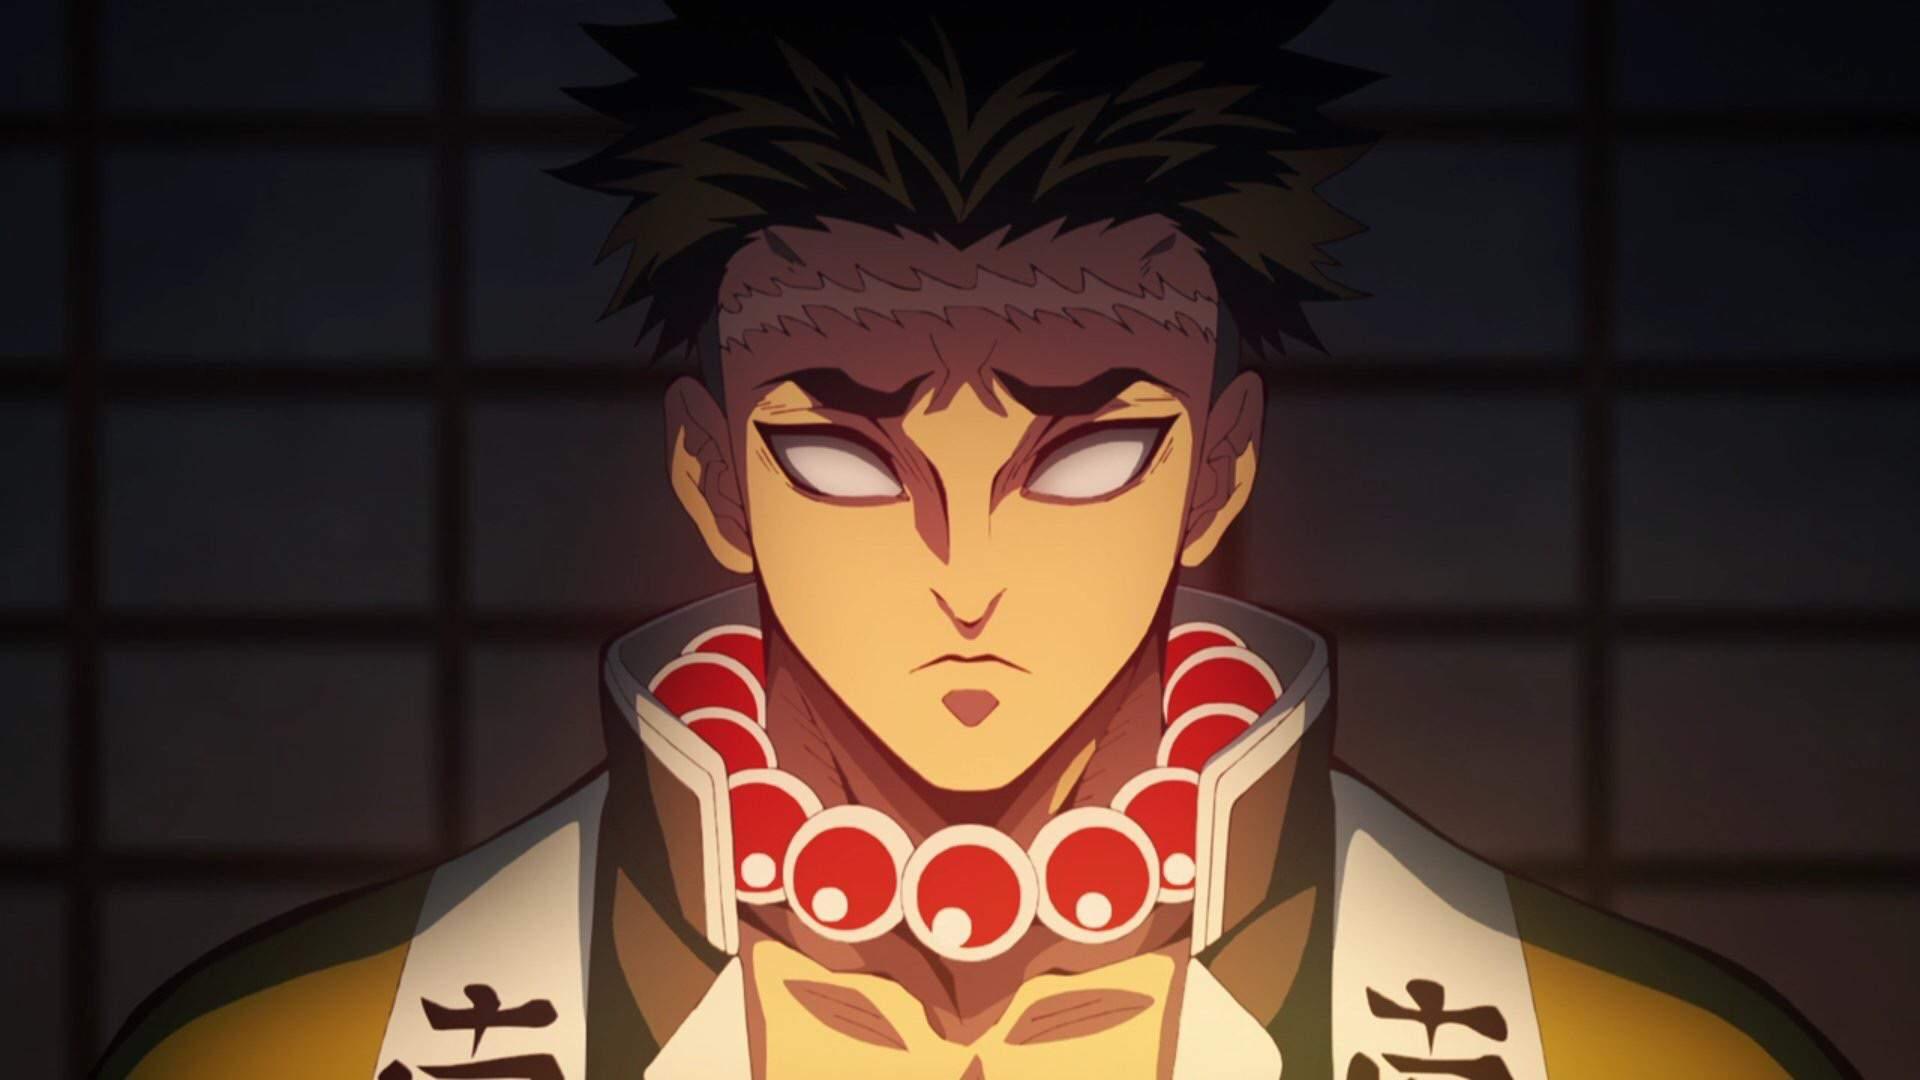 Gyomei Himejima | Wiki | Demon Slayer: Kimetsu No Yaiba Amino